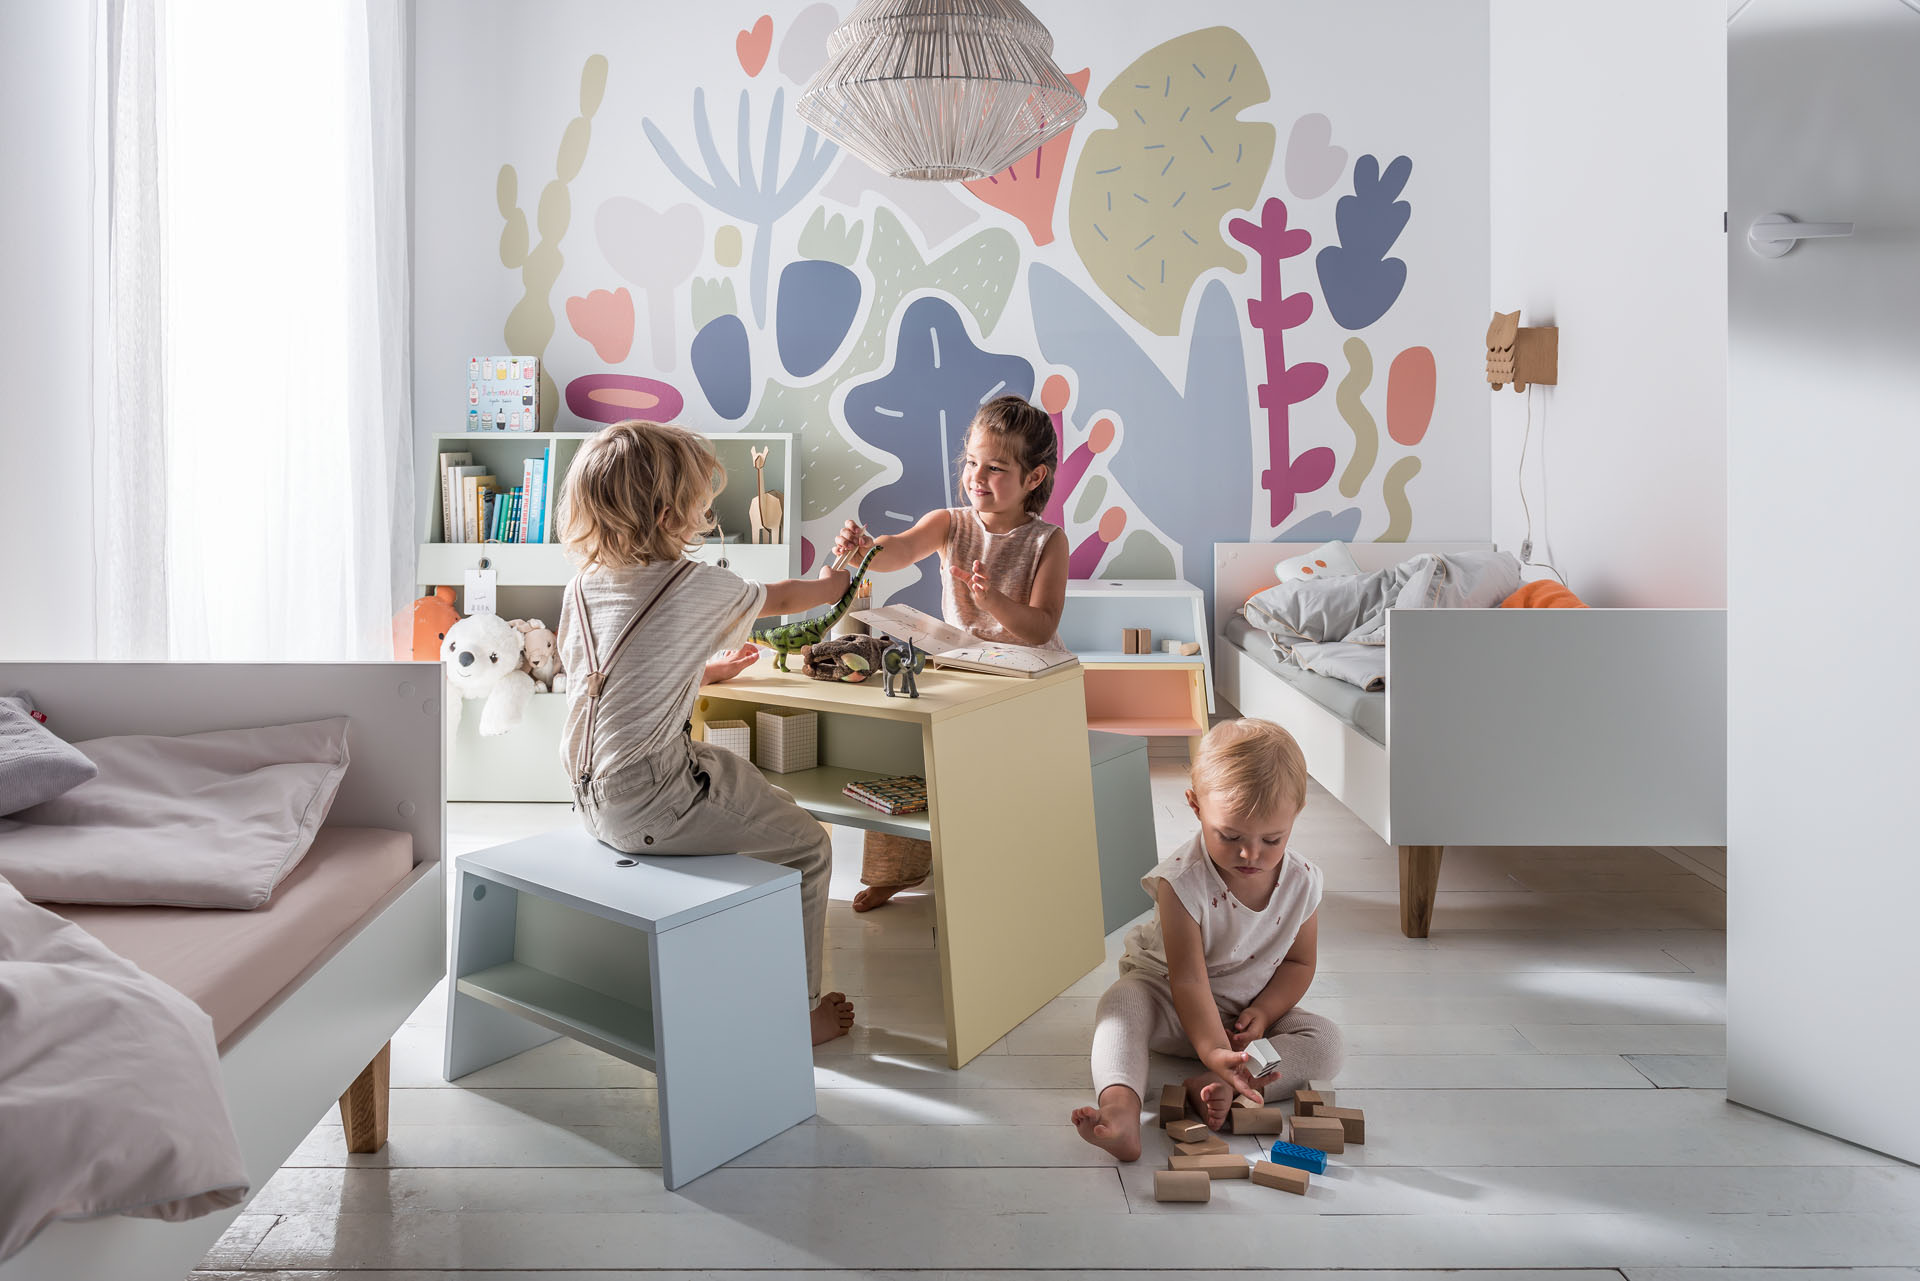 Konkurs fotograficzny Słodkie dzieciństwo. Zwycięzcy